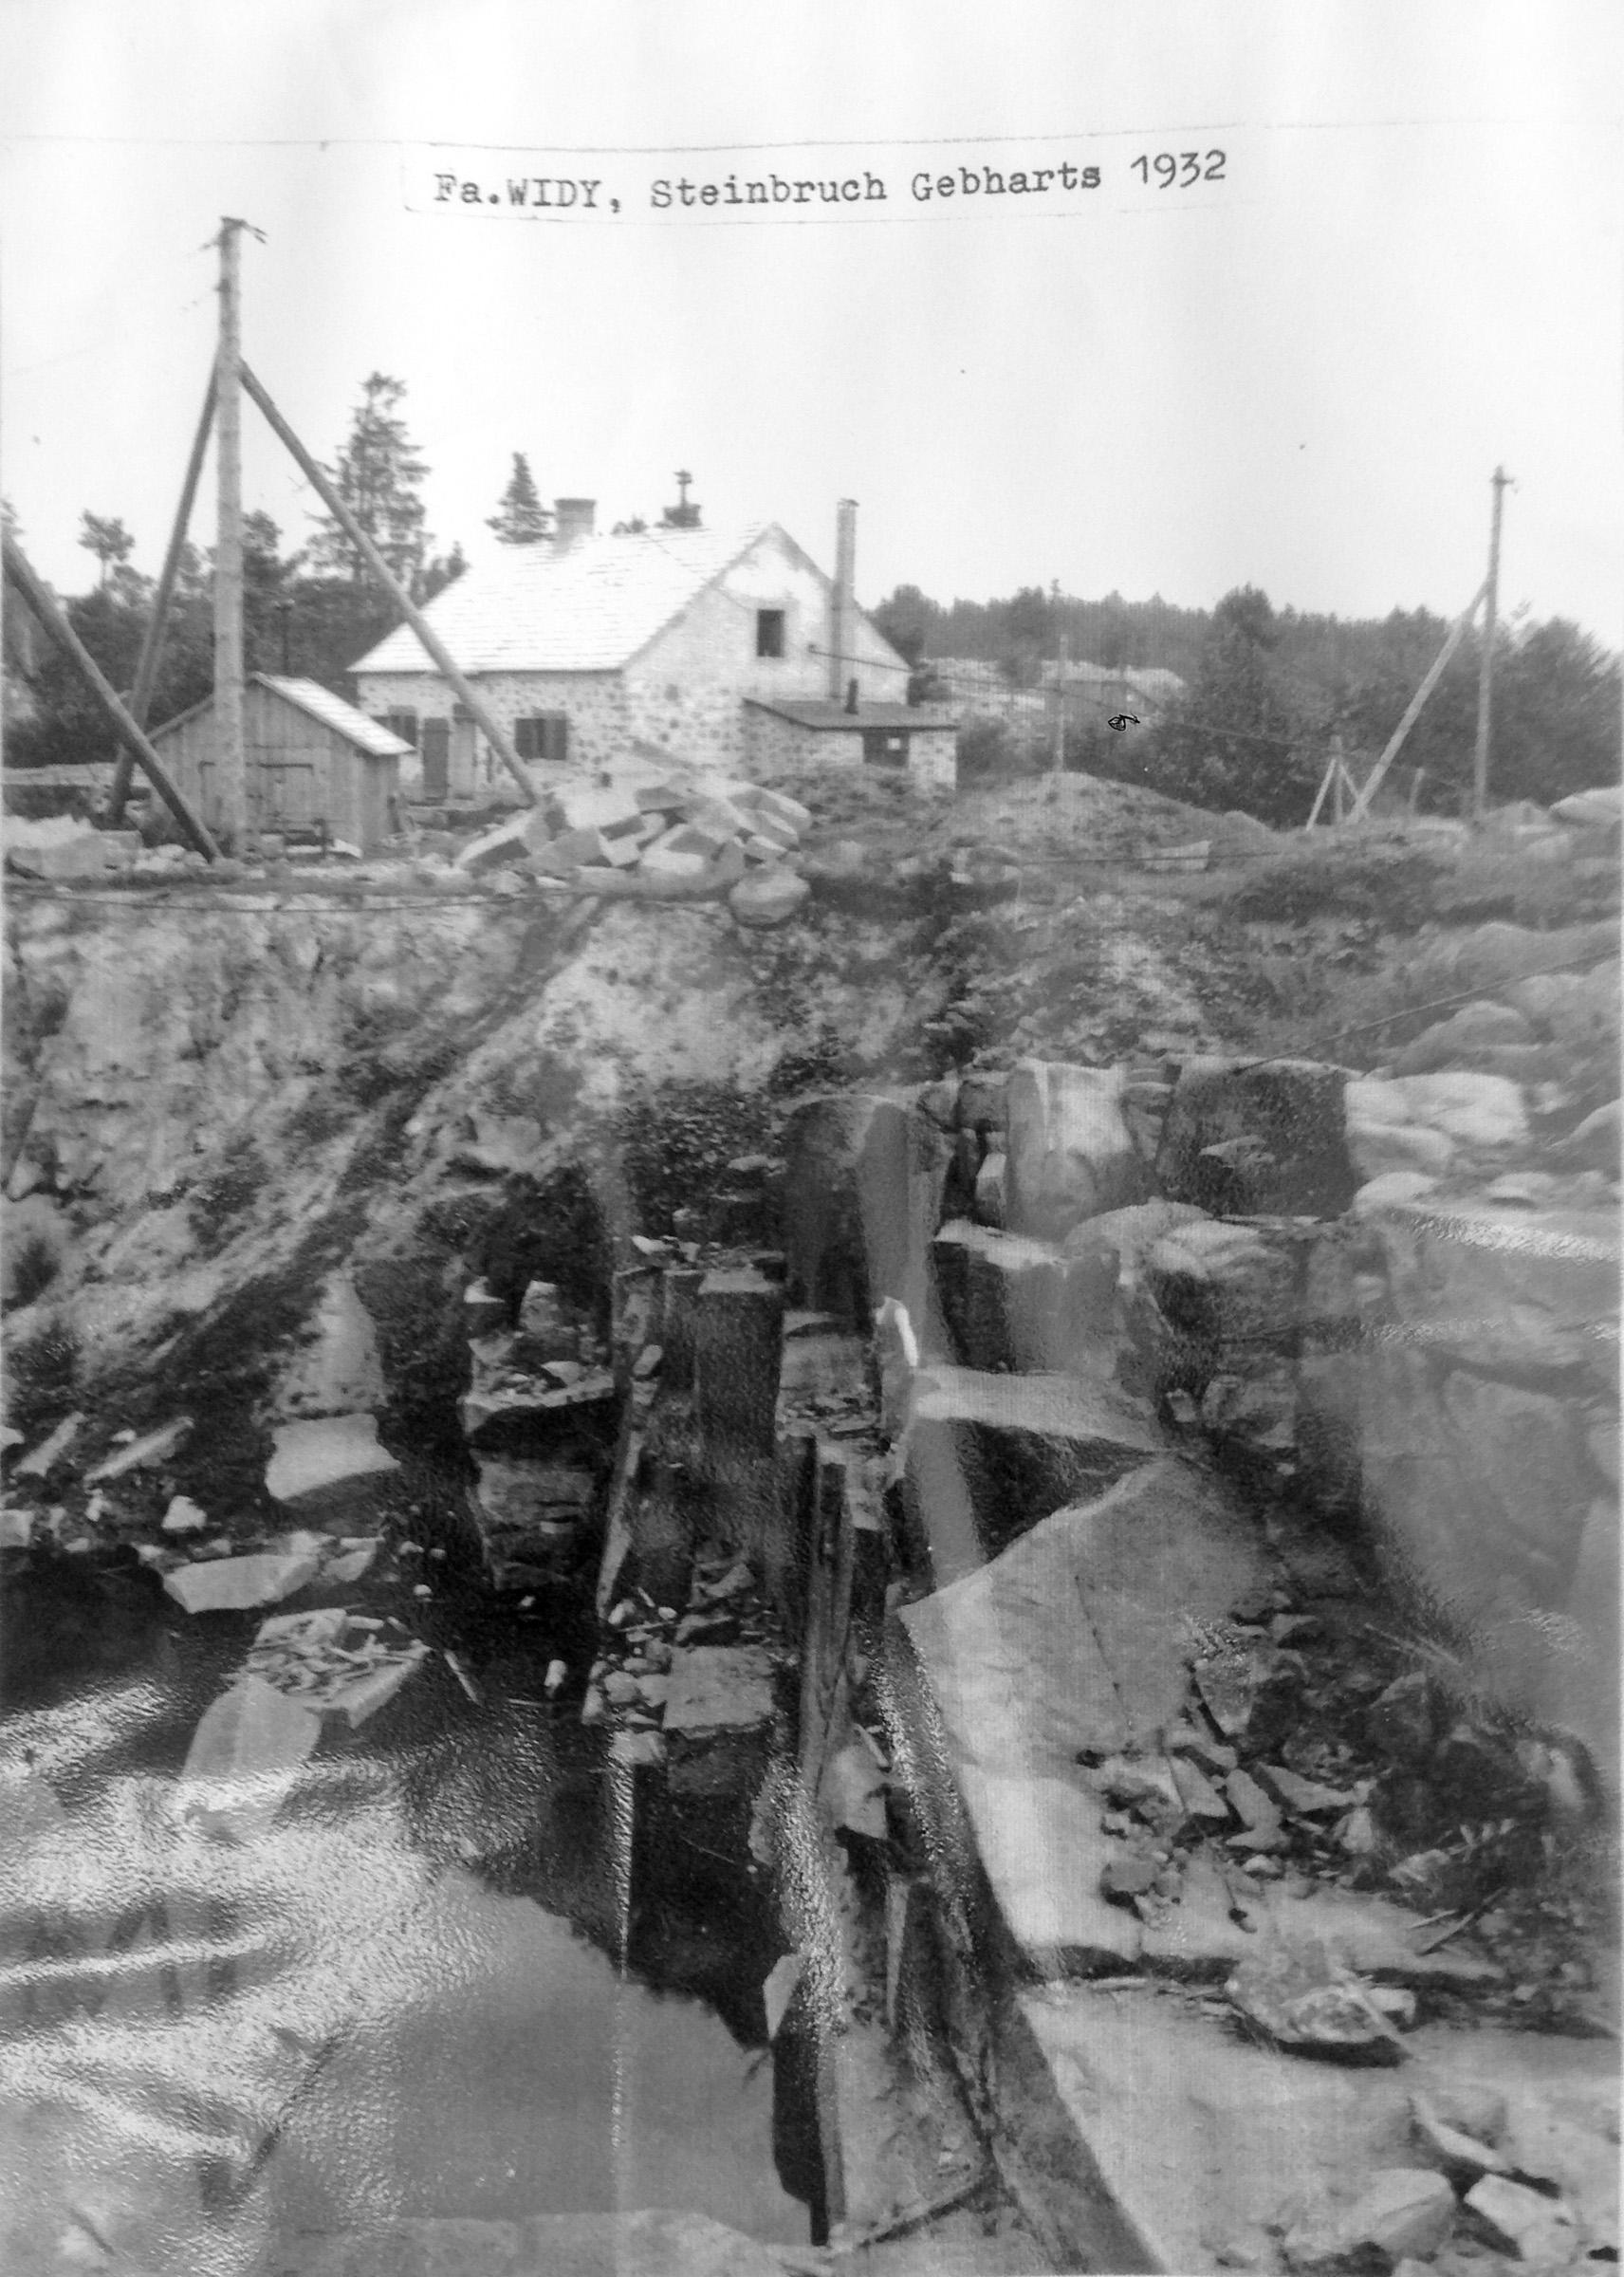 Steinbruch Gebhards 1932 Schrems.jpg